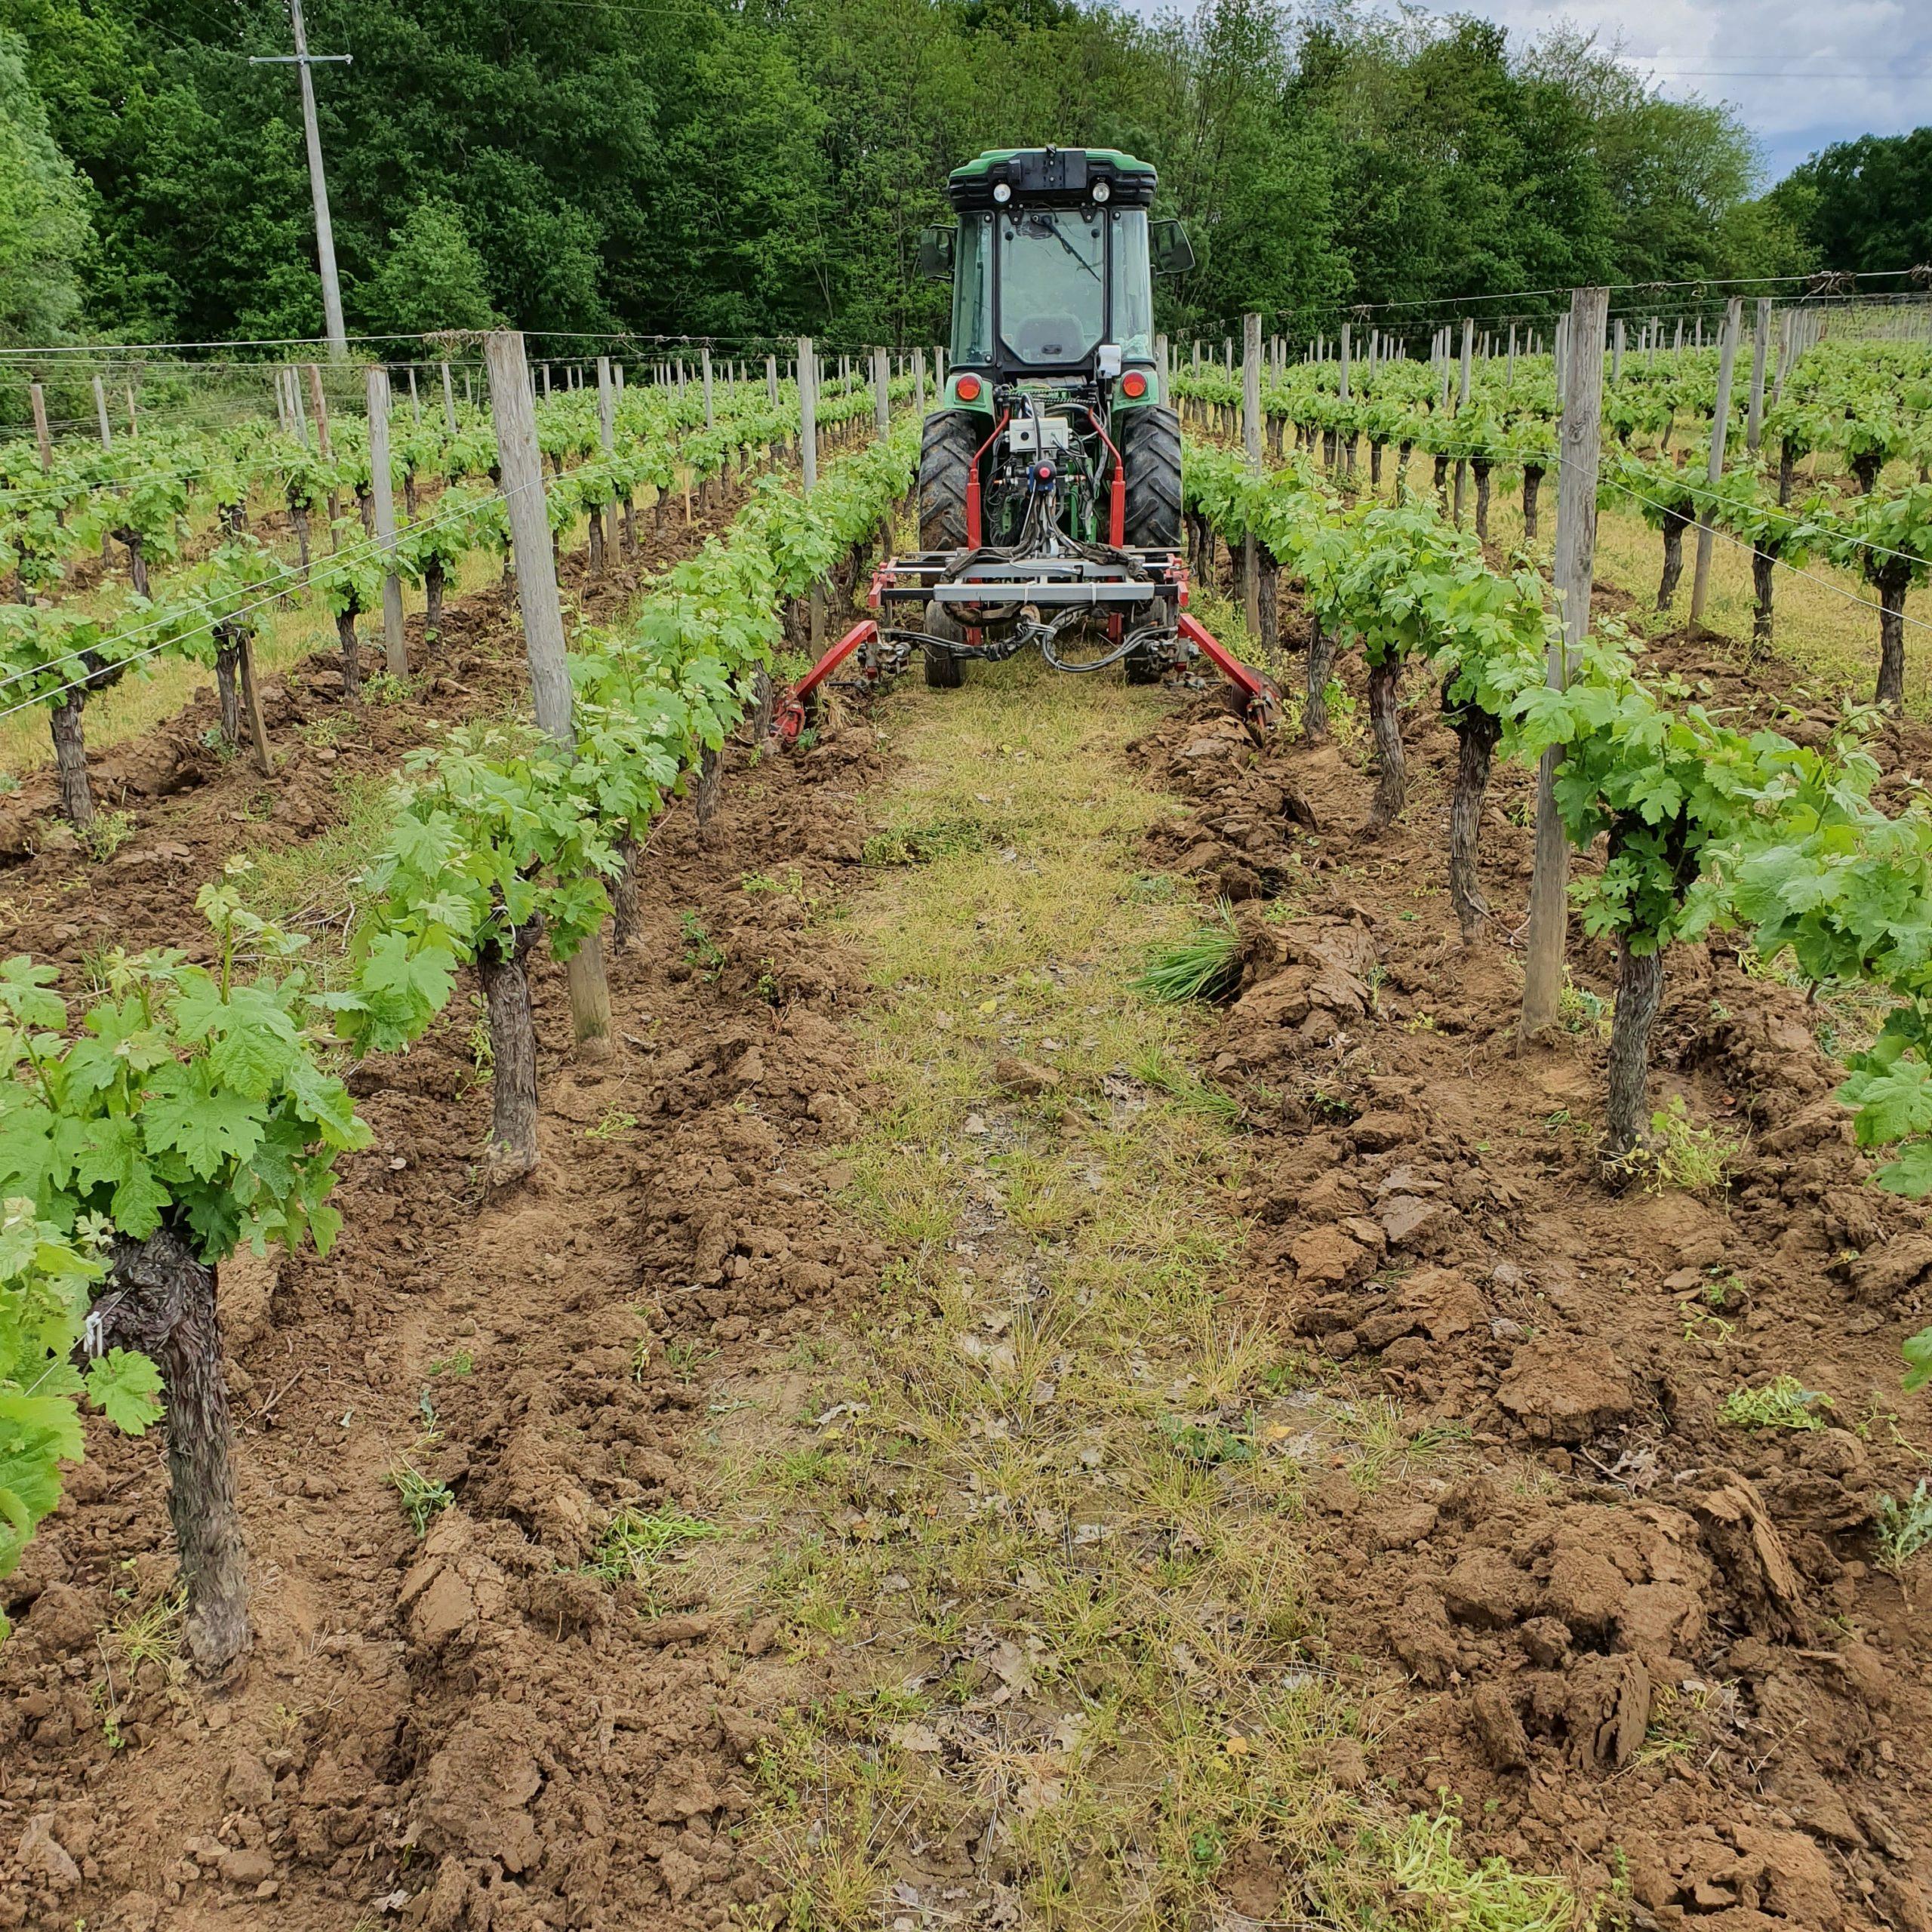 Chateau La Caderie - Tracteur - Vins bios - Bordeaux